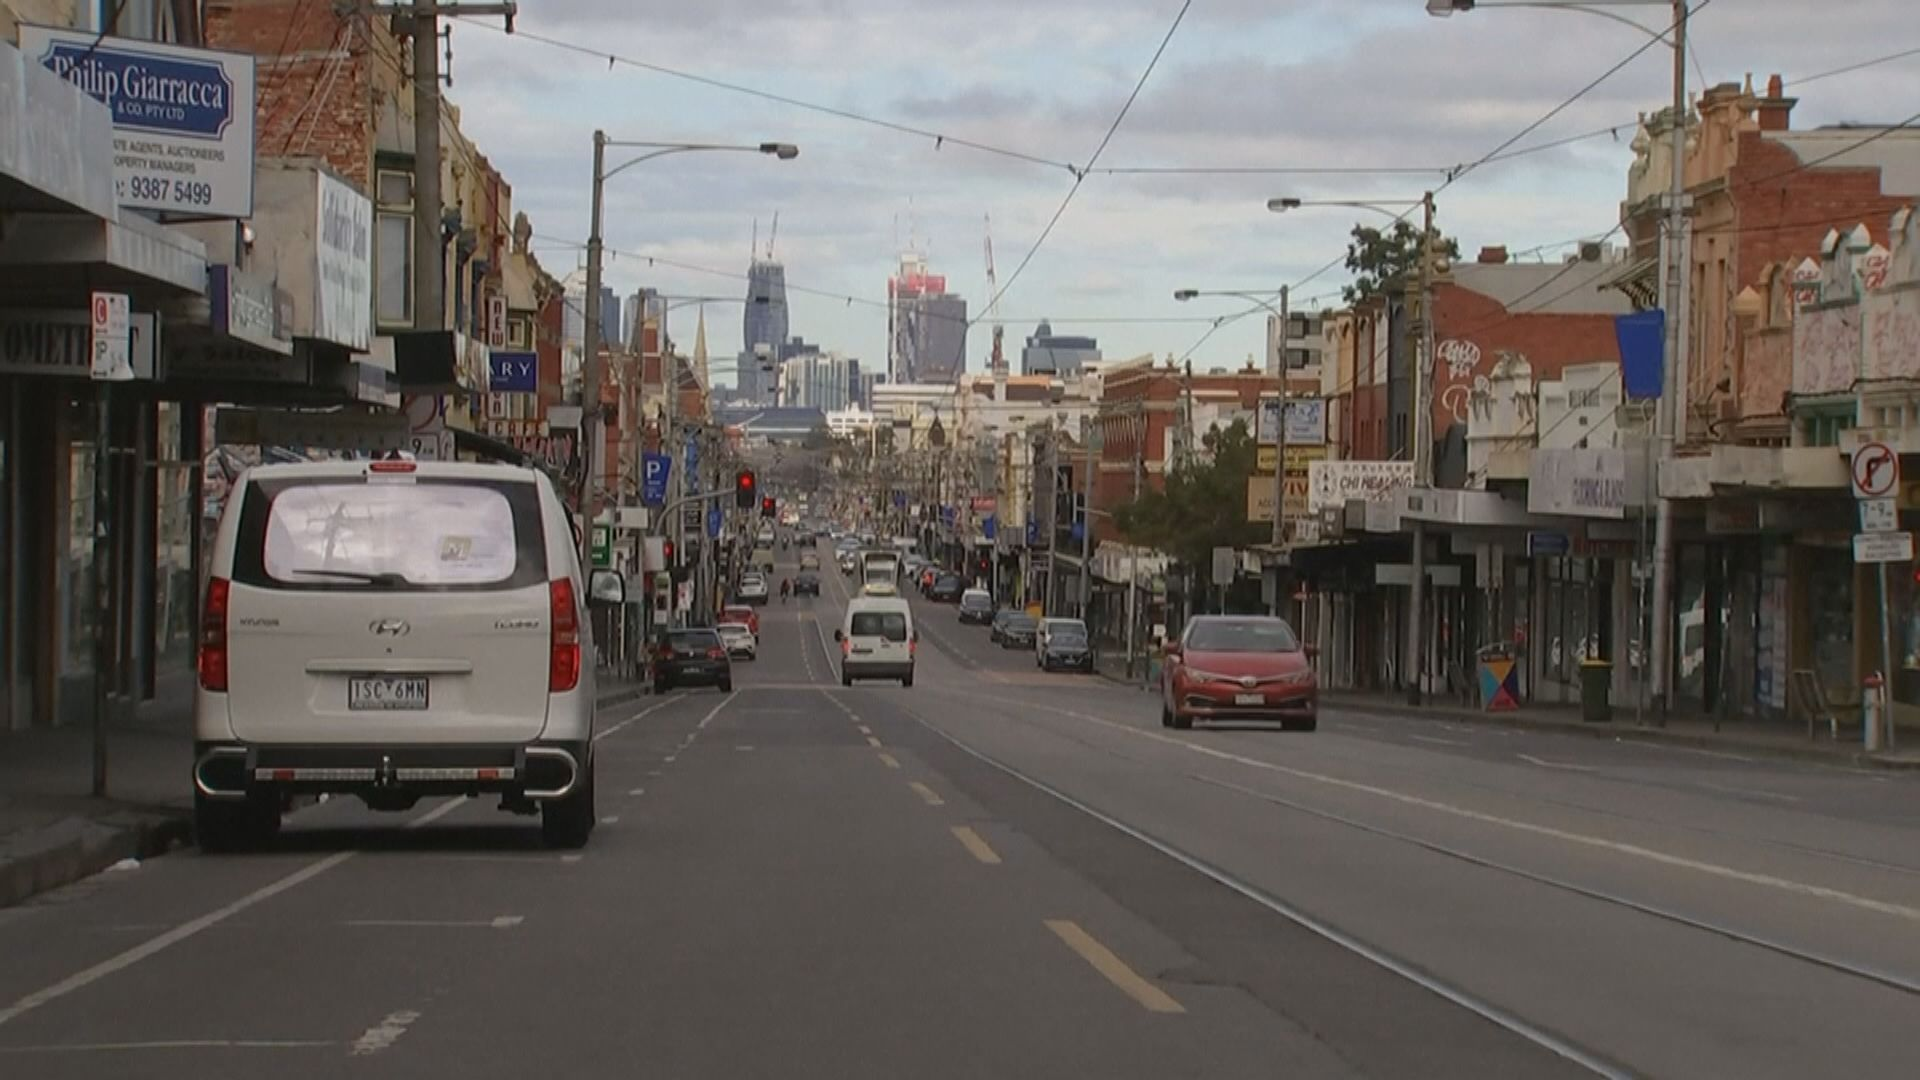 澳洲疫情持續 悉尼再延長封城至少兩周